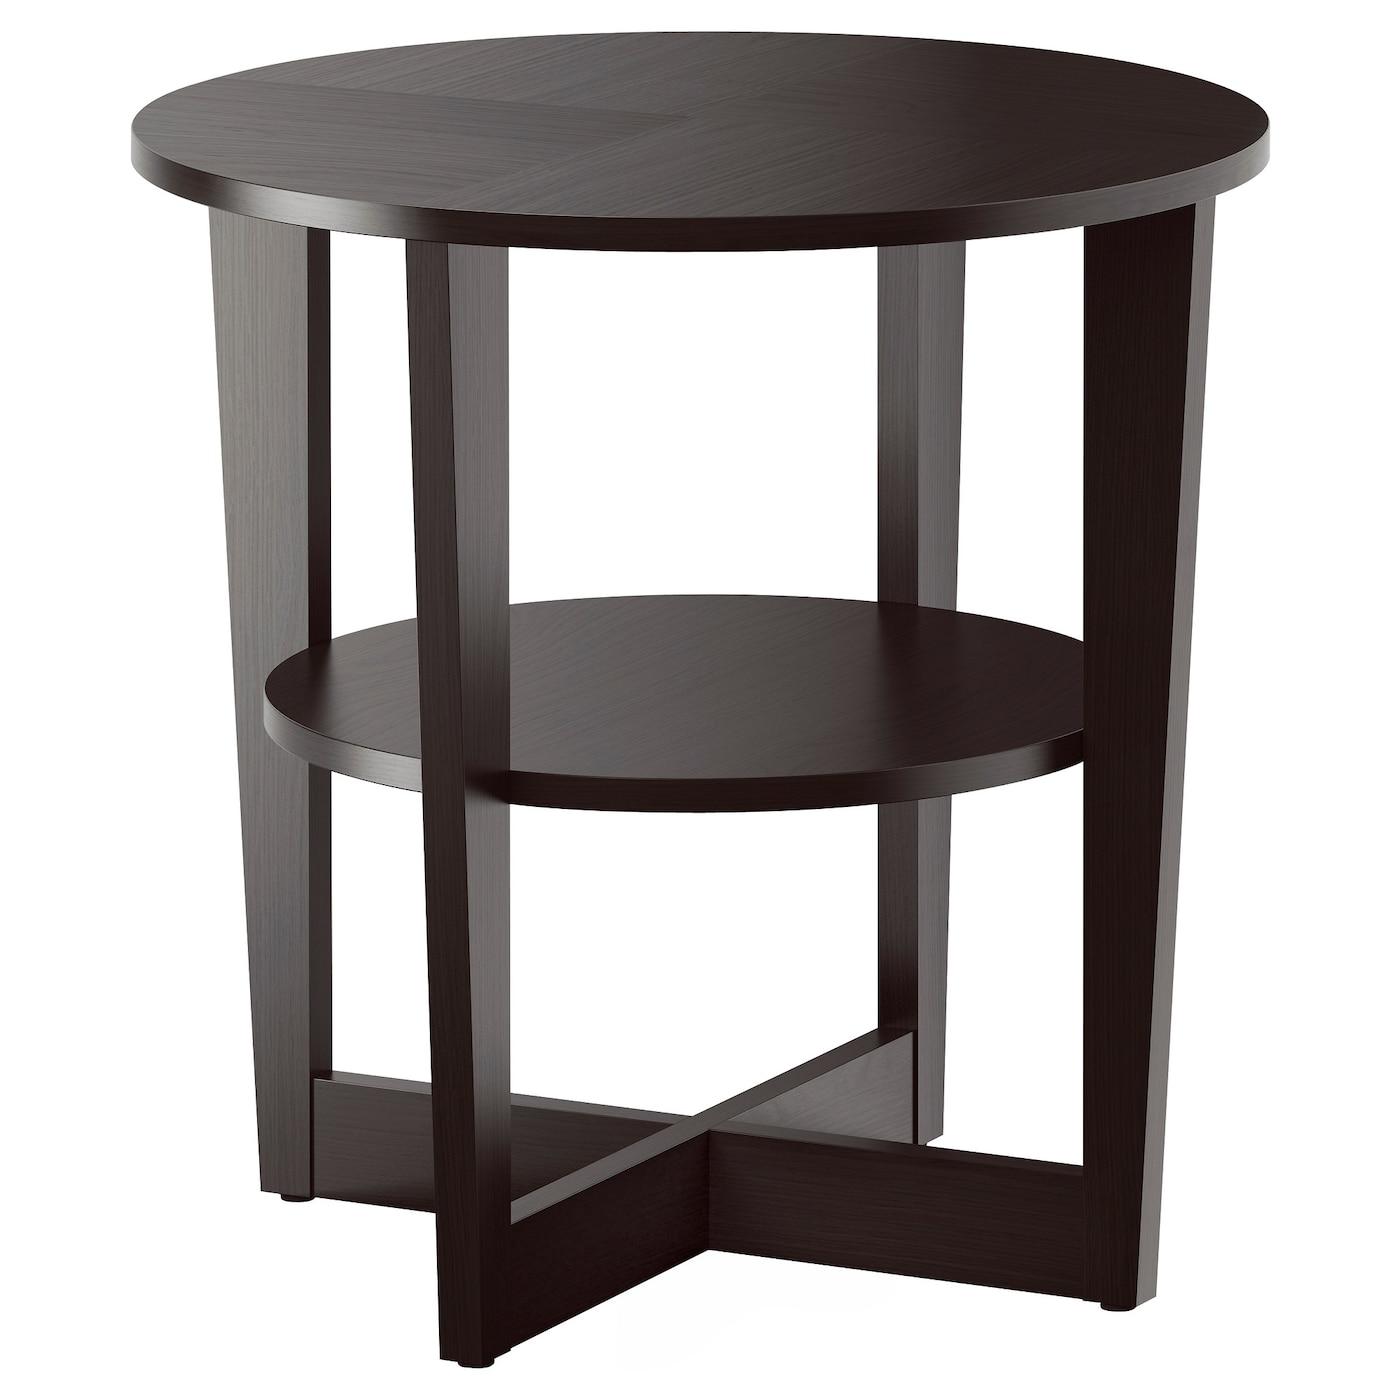 IKEA VEJMON czarnobrązowy, okrągły stolik, średnica 60 cm